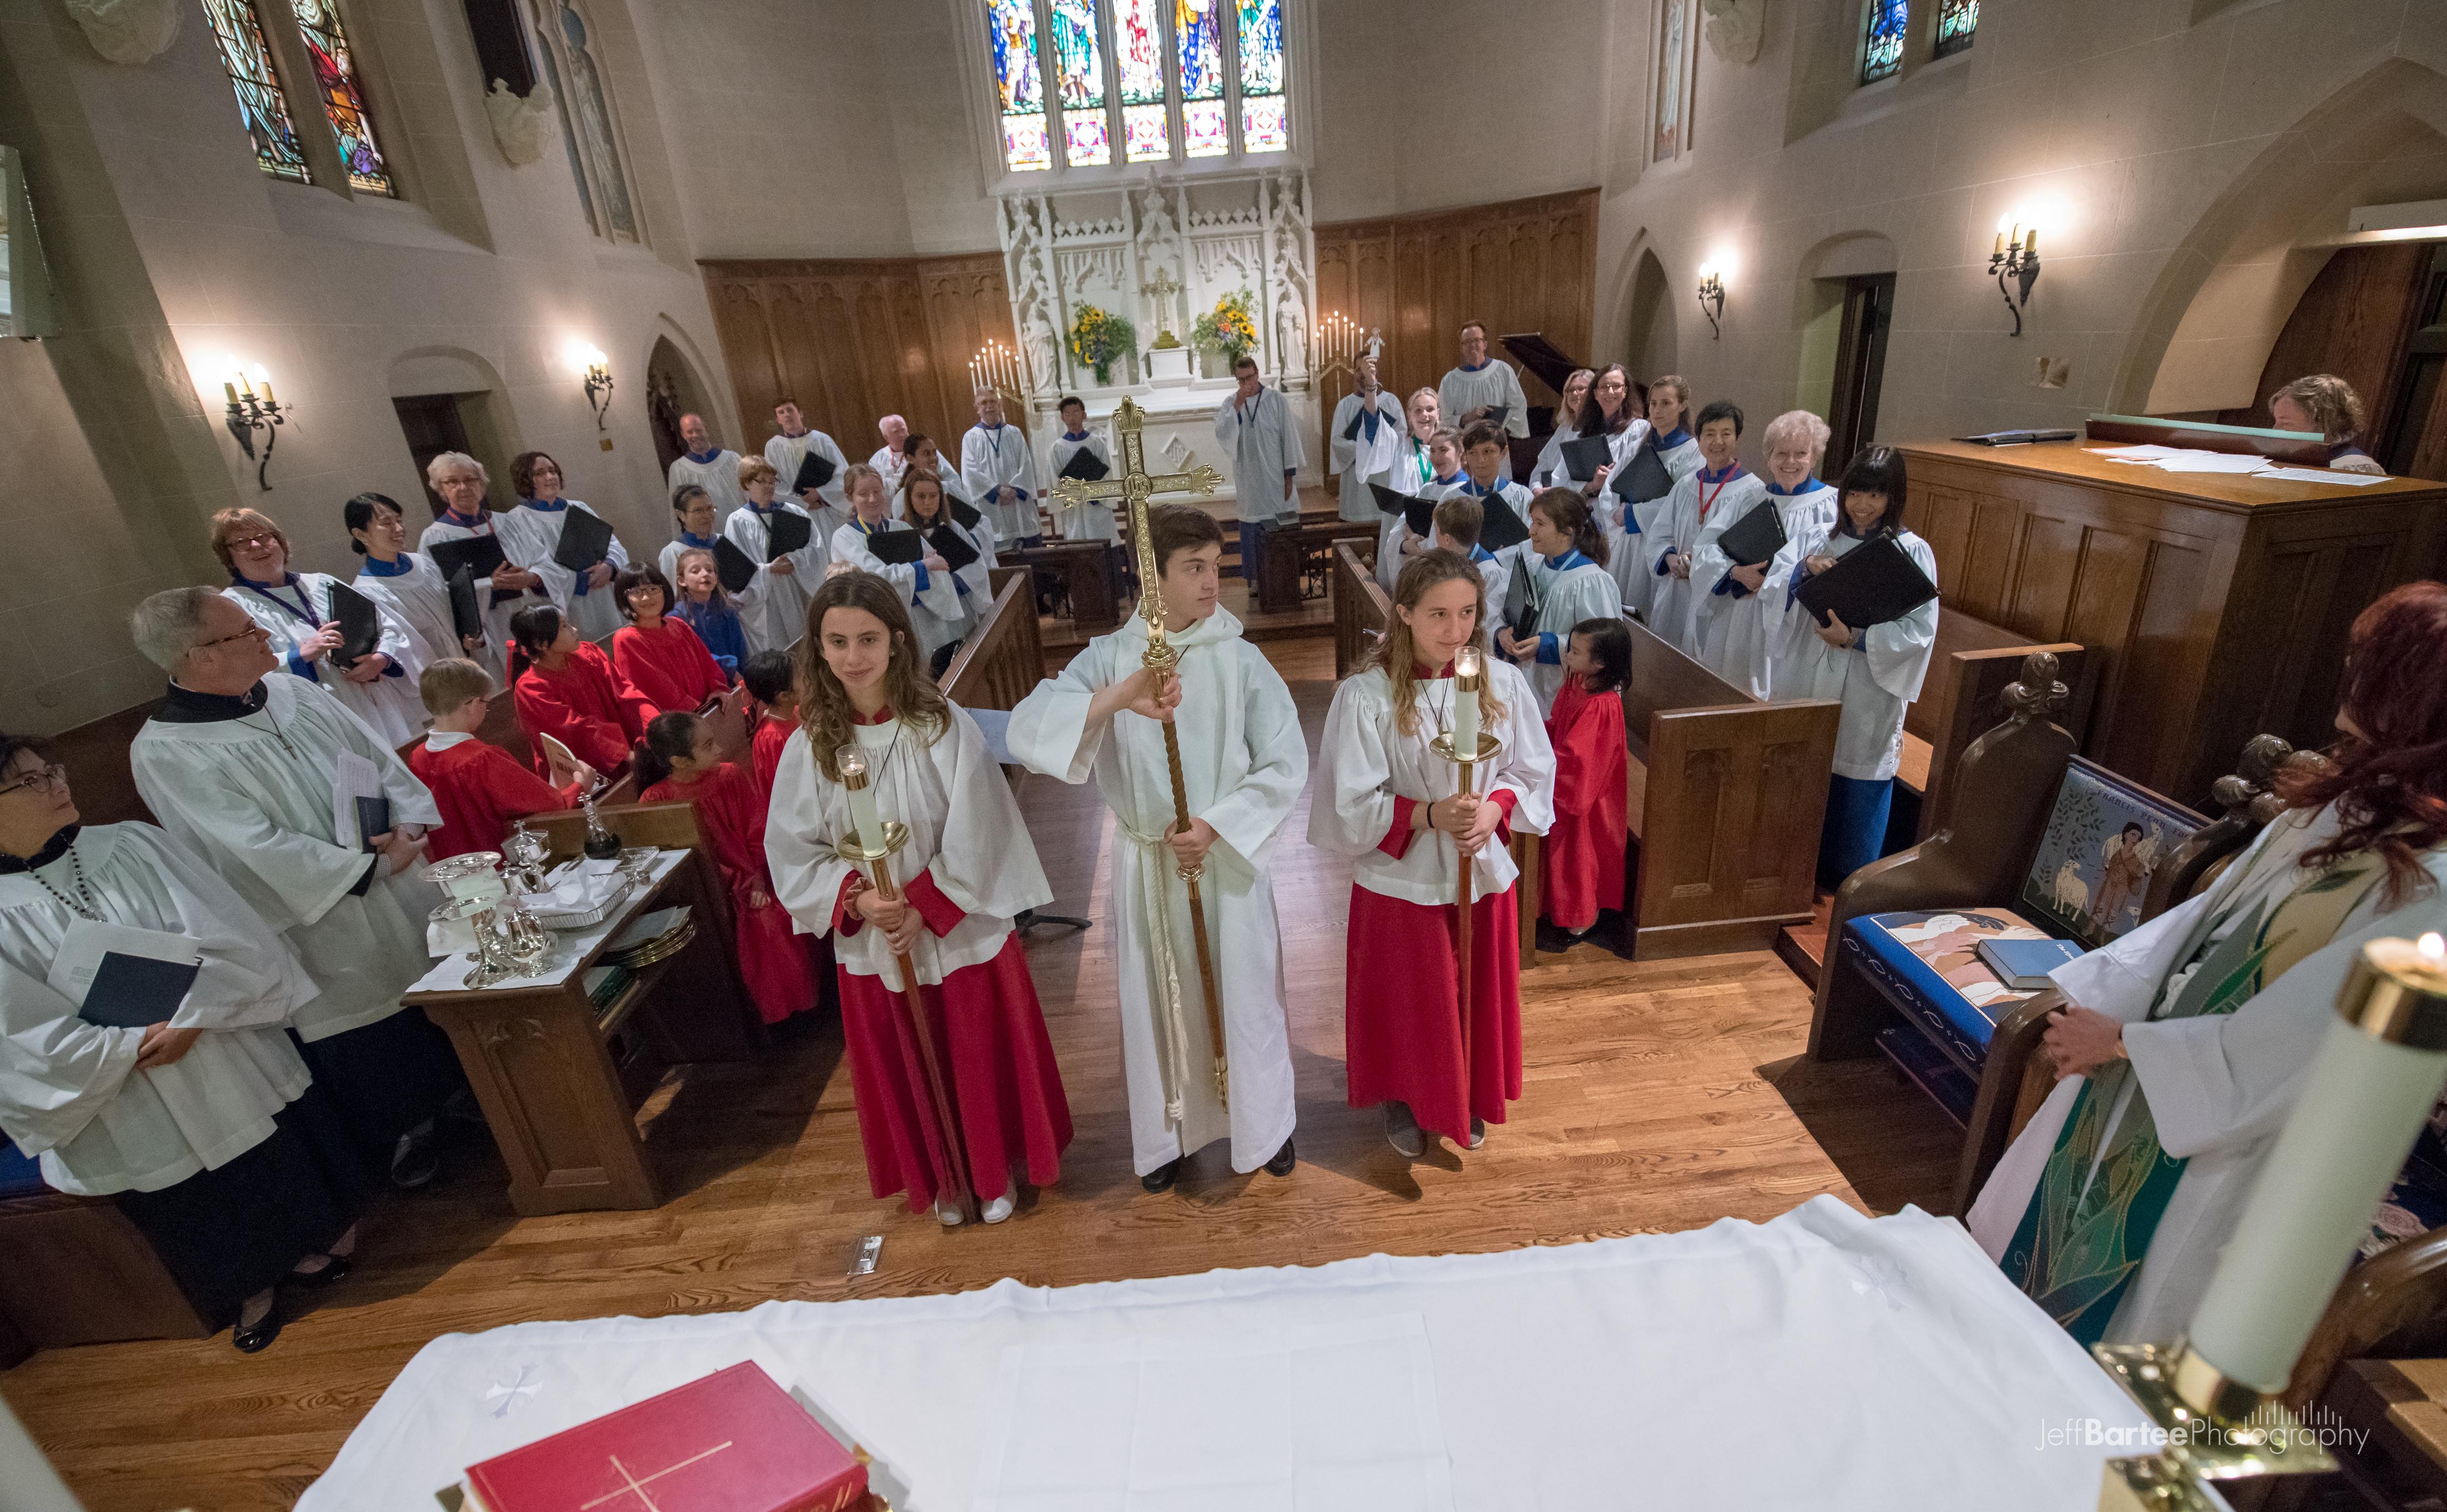 St Paul's Episcopal 4929